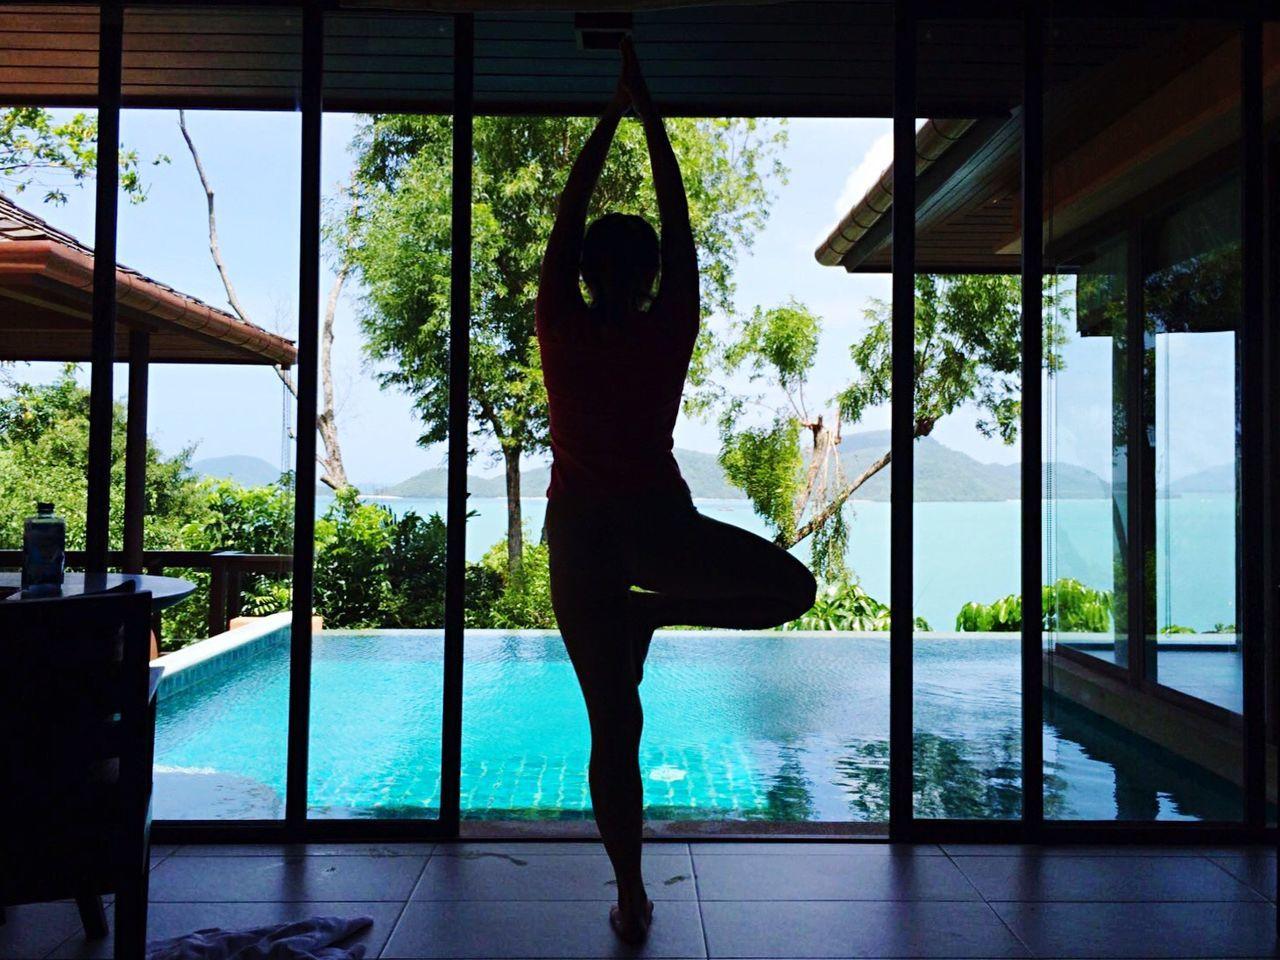 Holiday yoga Holiday Yoga Yoga Pose Yogagirl Yogatime Yogalove Yoga Practice Exercise Exercise Time Exercising Keep Fit Keeping Fit Healthy Healthy Living Healthy Lifestyle Healthylifestyle Relaxing Relaxing Moments Relaxing Time Relaxing View Enjoying Life Showcase July